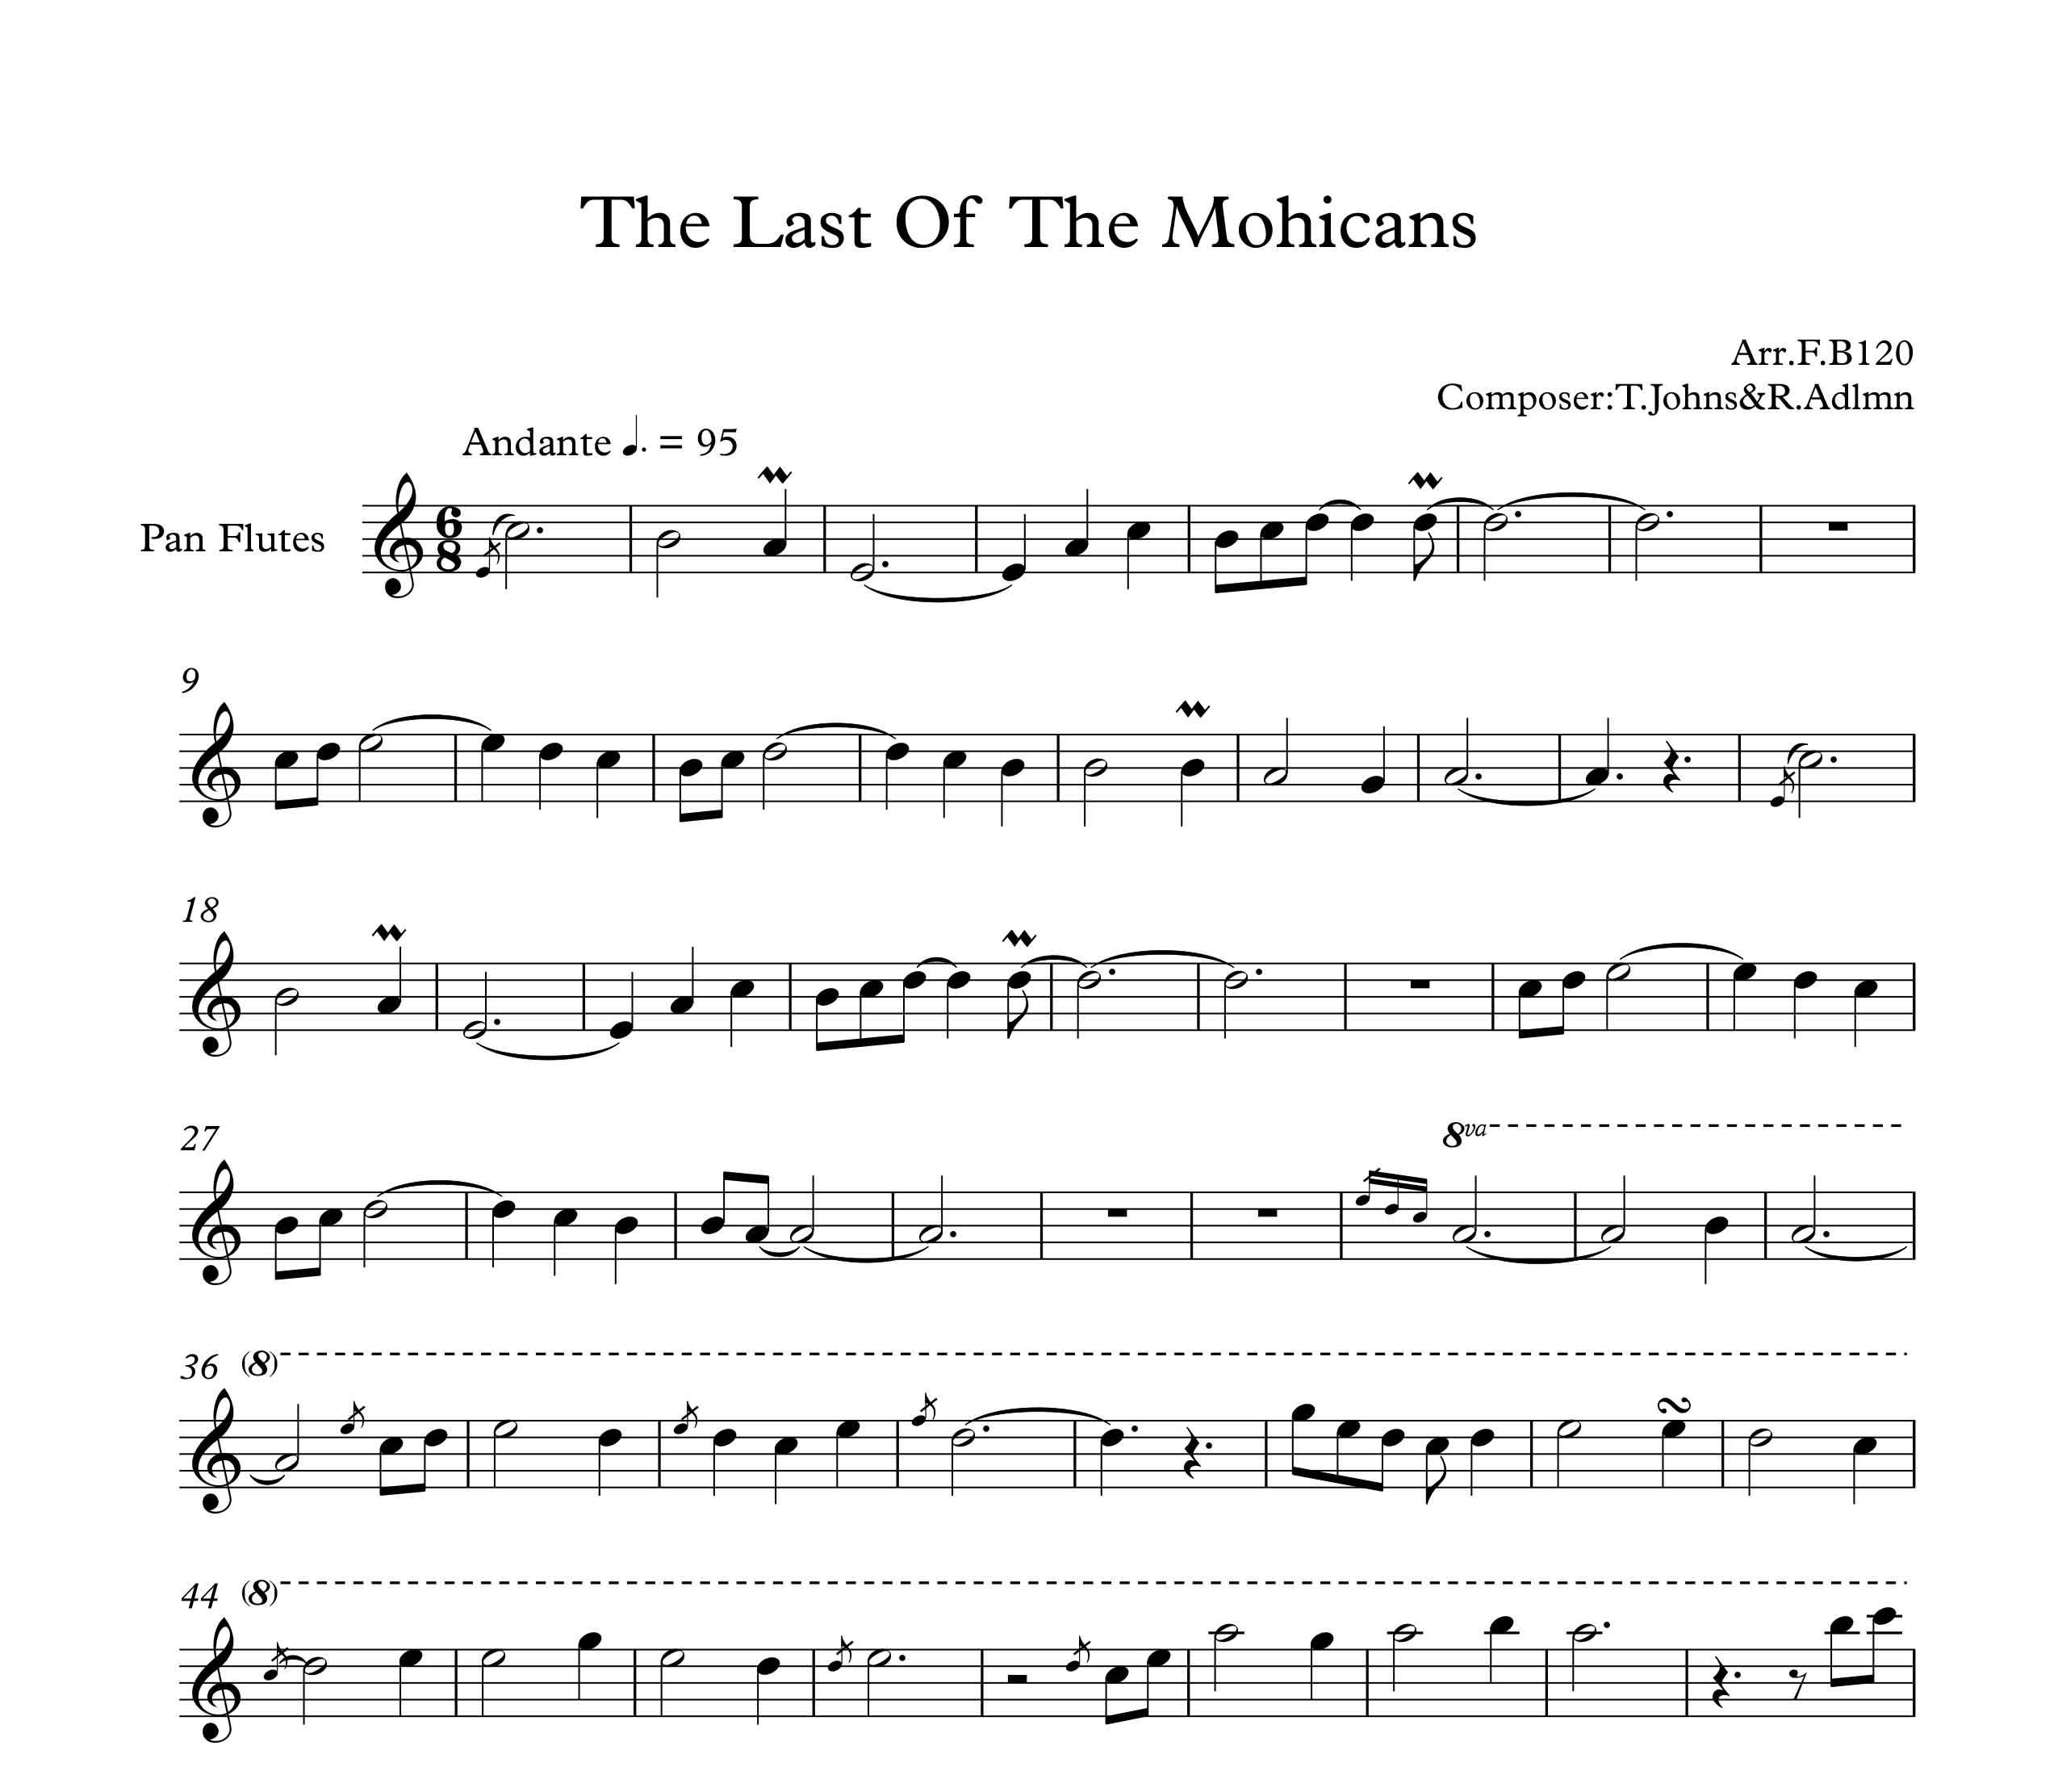 نت آهنگ فیلم آخرین موهیکان the last of  the mohicans برای پن فلوت